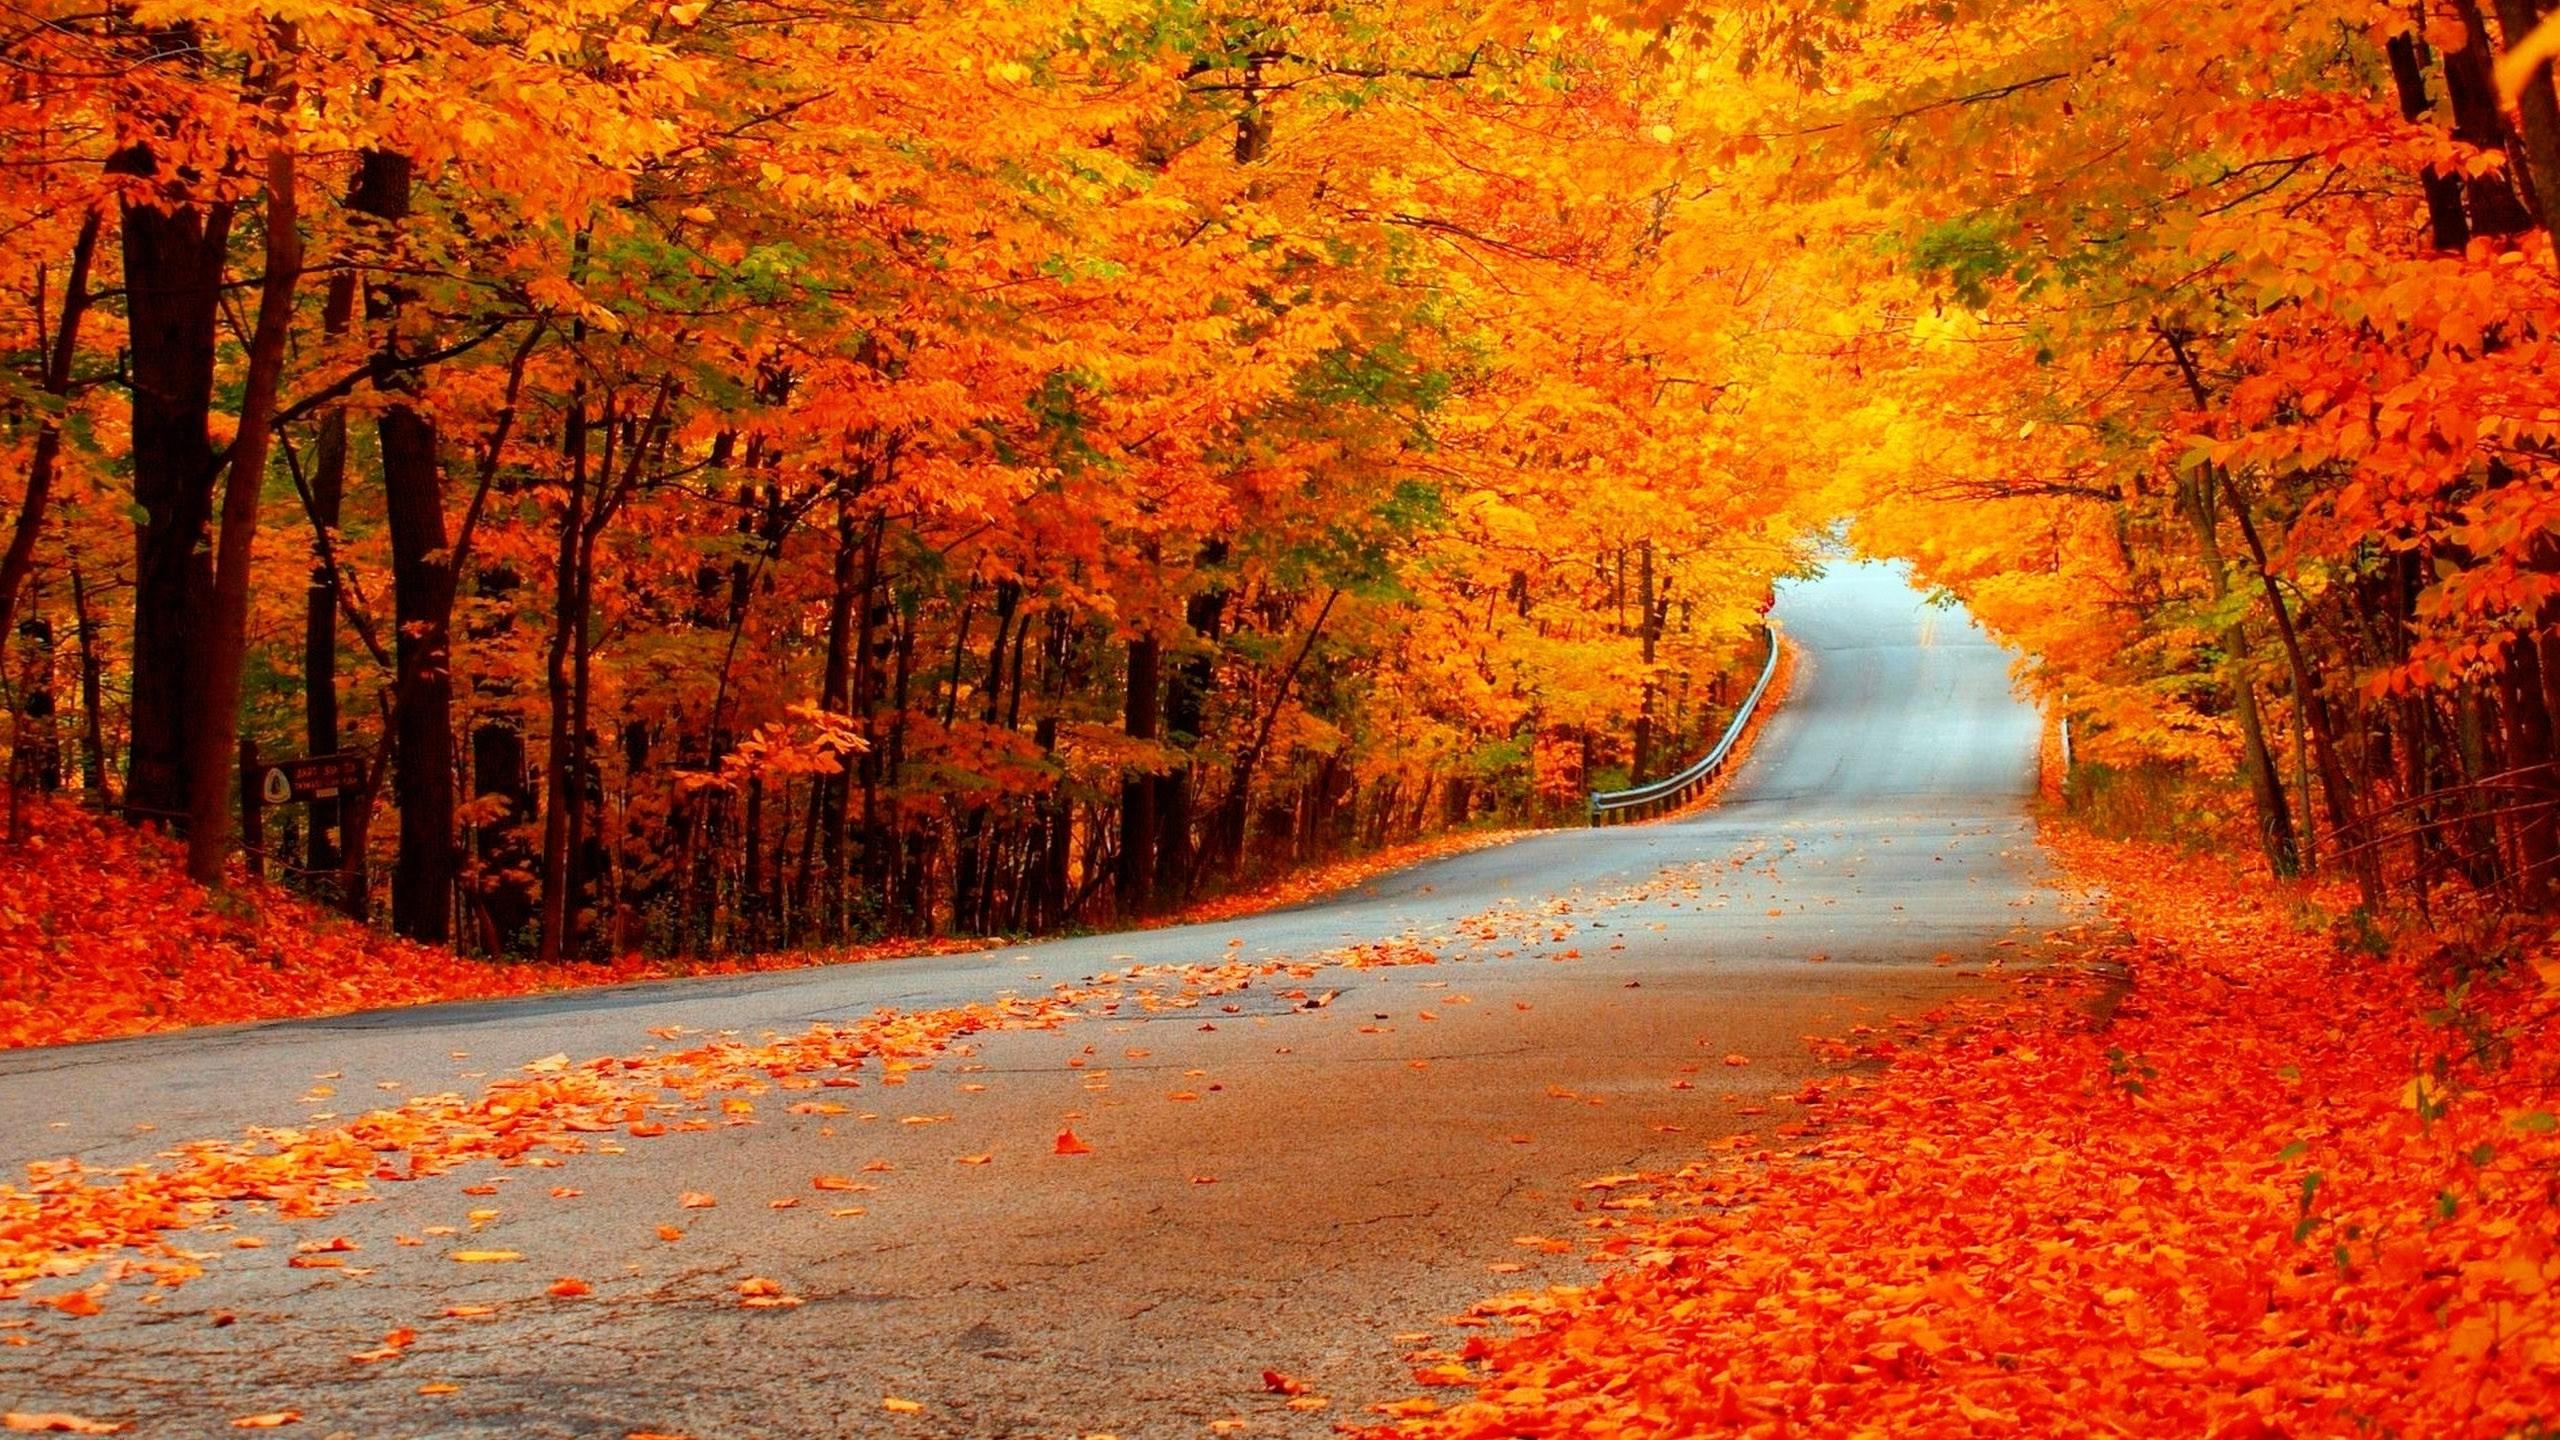 Không khí mùa thu mát mẻ và sảng khoái vô cùng. Đến cơn gió, chiếc lá hay mặt nước cũng trở nên nhẹ nhàng và dịu dàng đến lạ.